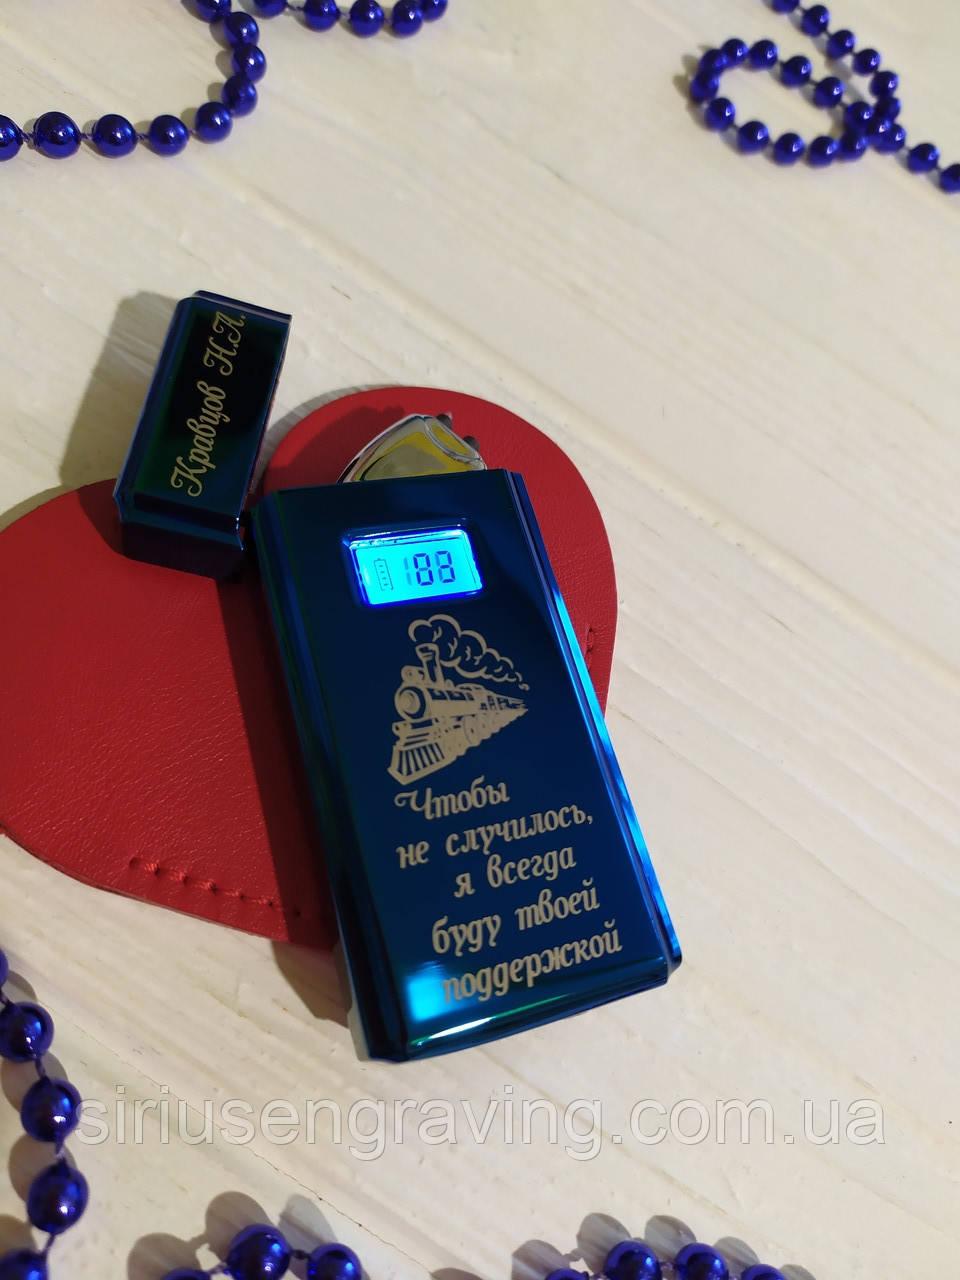 USB зажигалка в подарочной упаковке. C гравировкой на подарок!